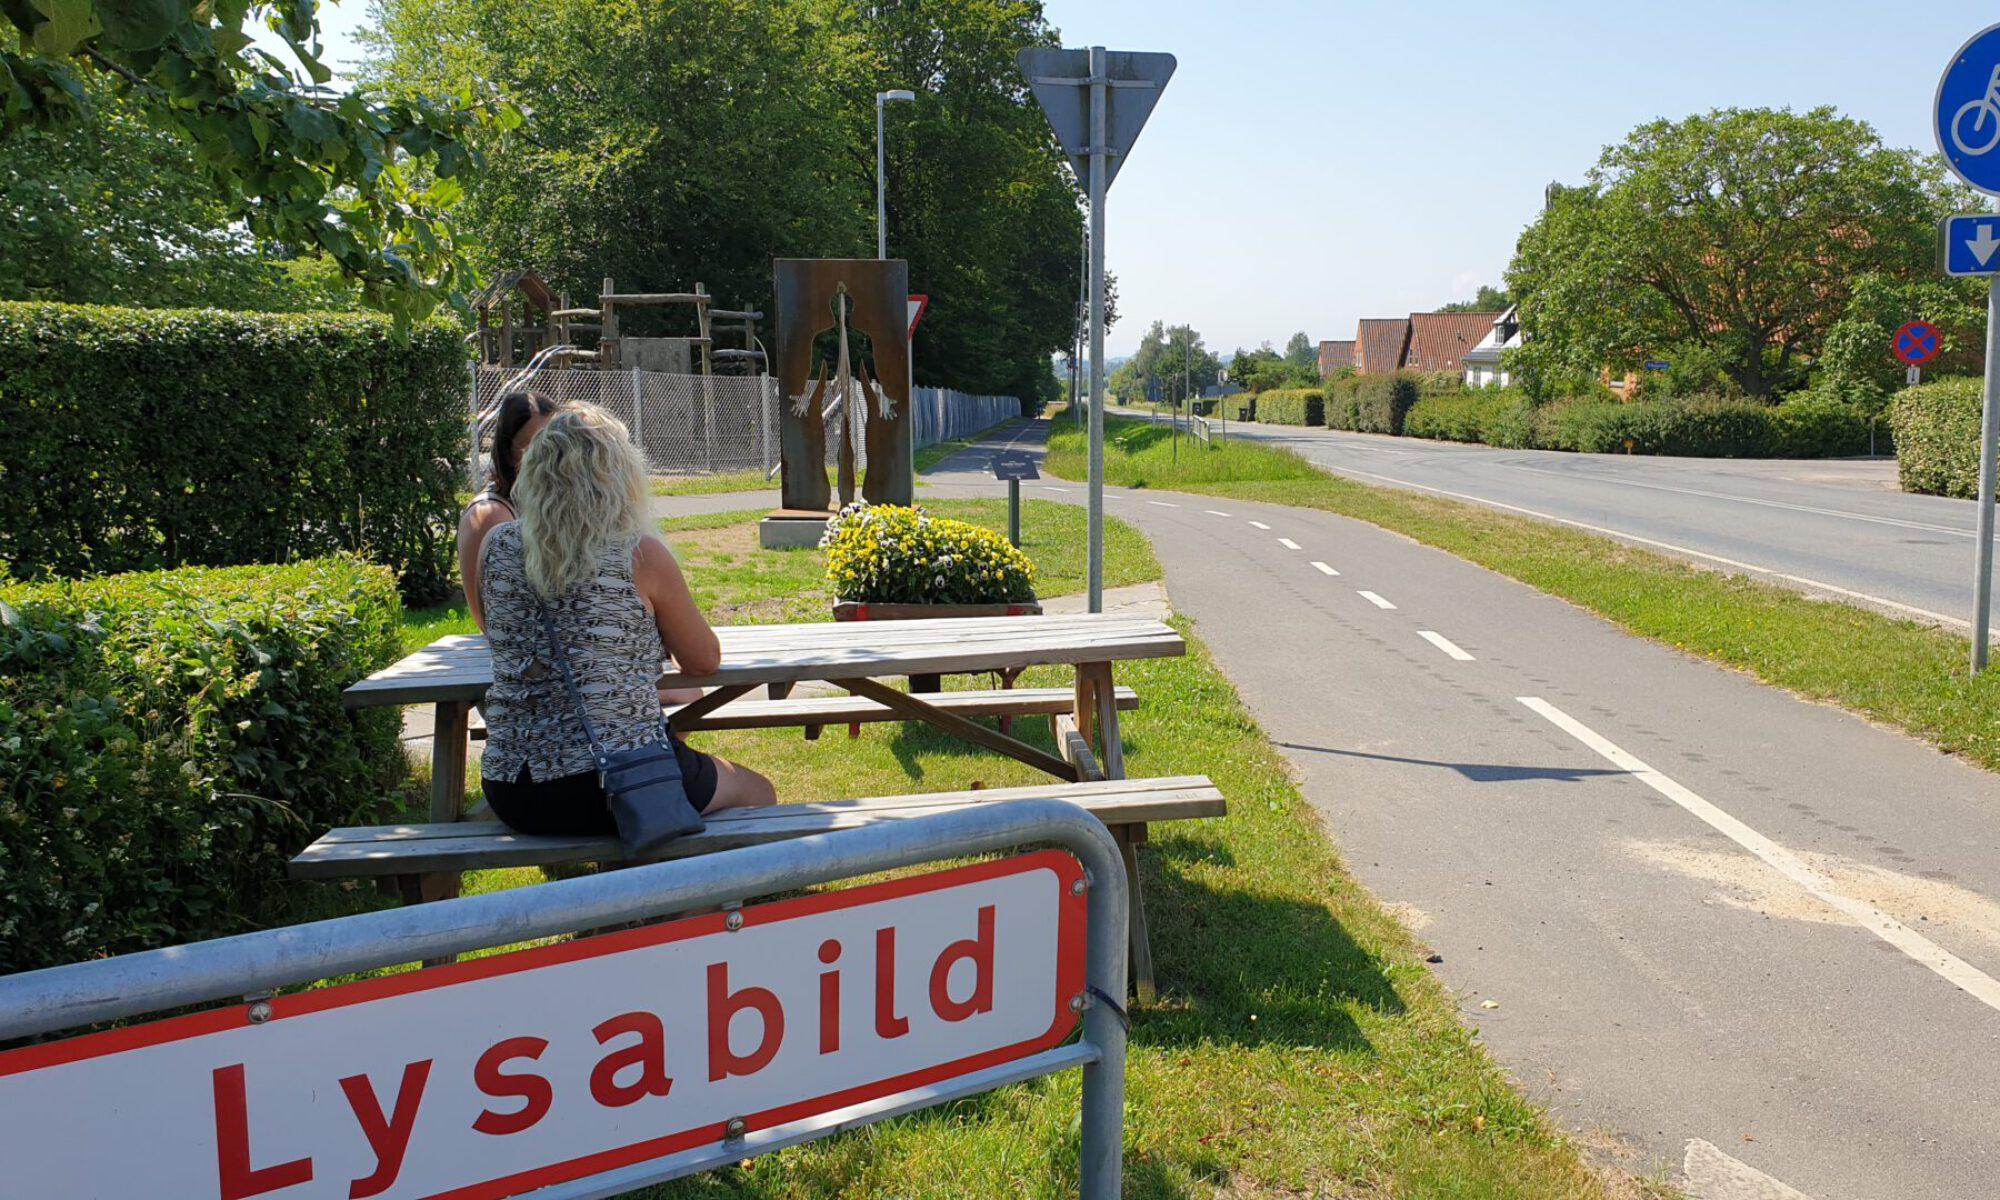 Lysabild Landsbyråd